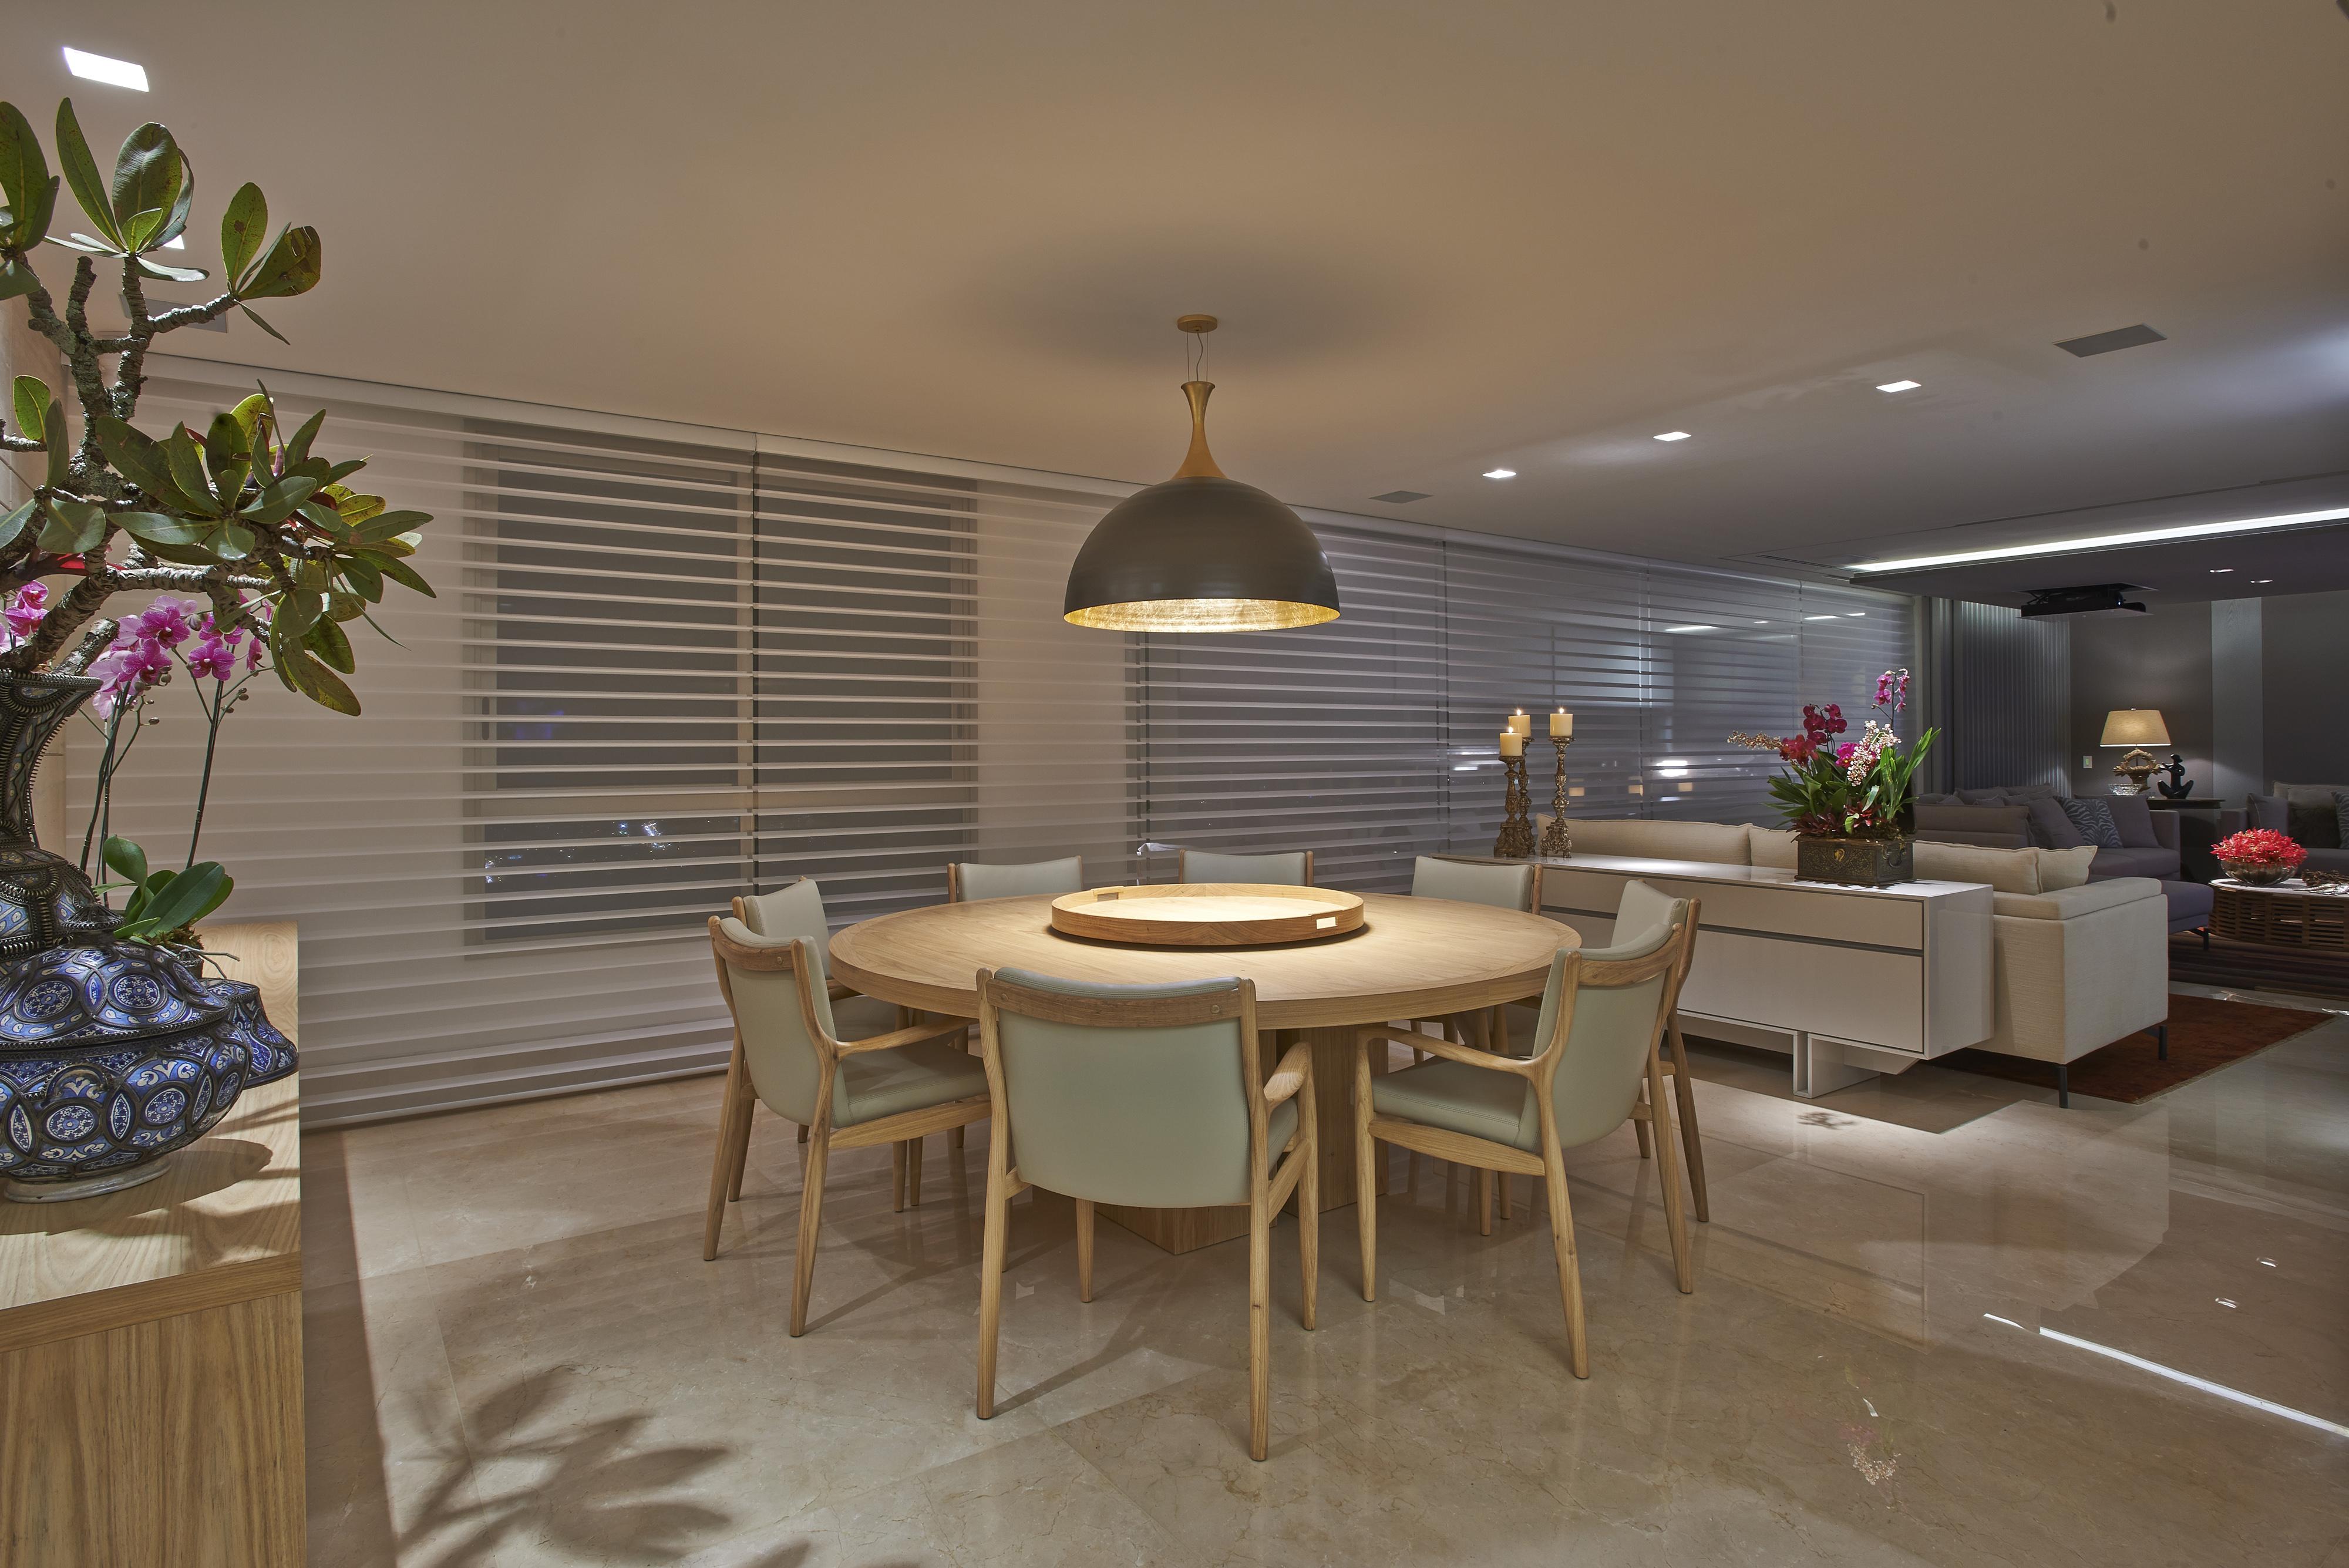 jantar Lotus (ETEL) e Buffet Cascaldi em laca Warm Grey por Adresse #896E42 4000x2670